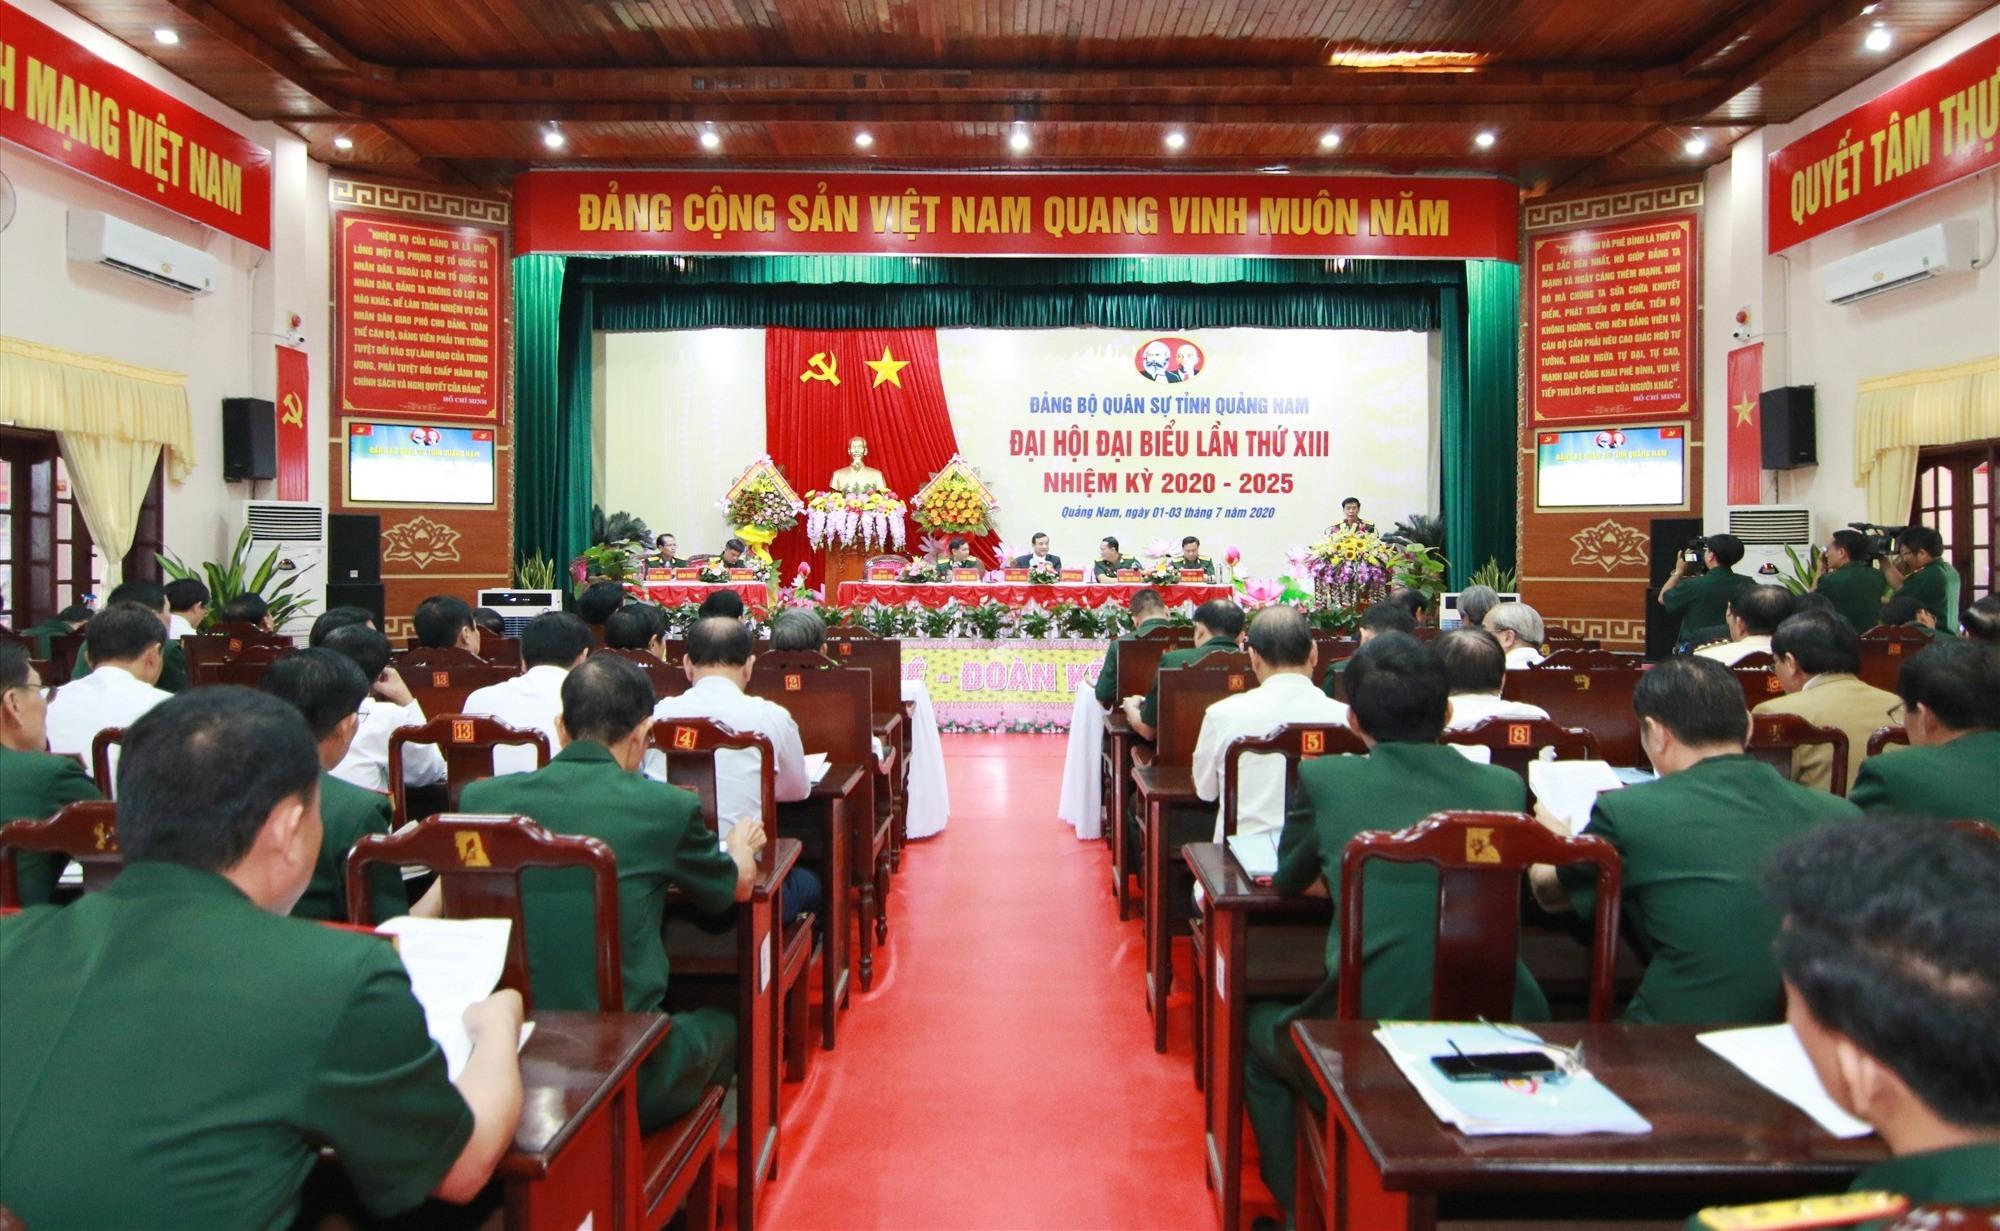 20 đại biểu đại diện cho 452 đảng viên Đảng bộ Quân sự tỉnh dự đại hội. Ảnh: T.C